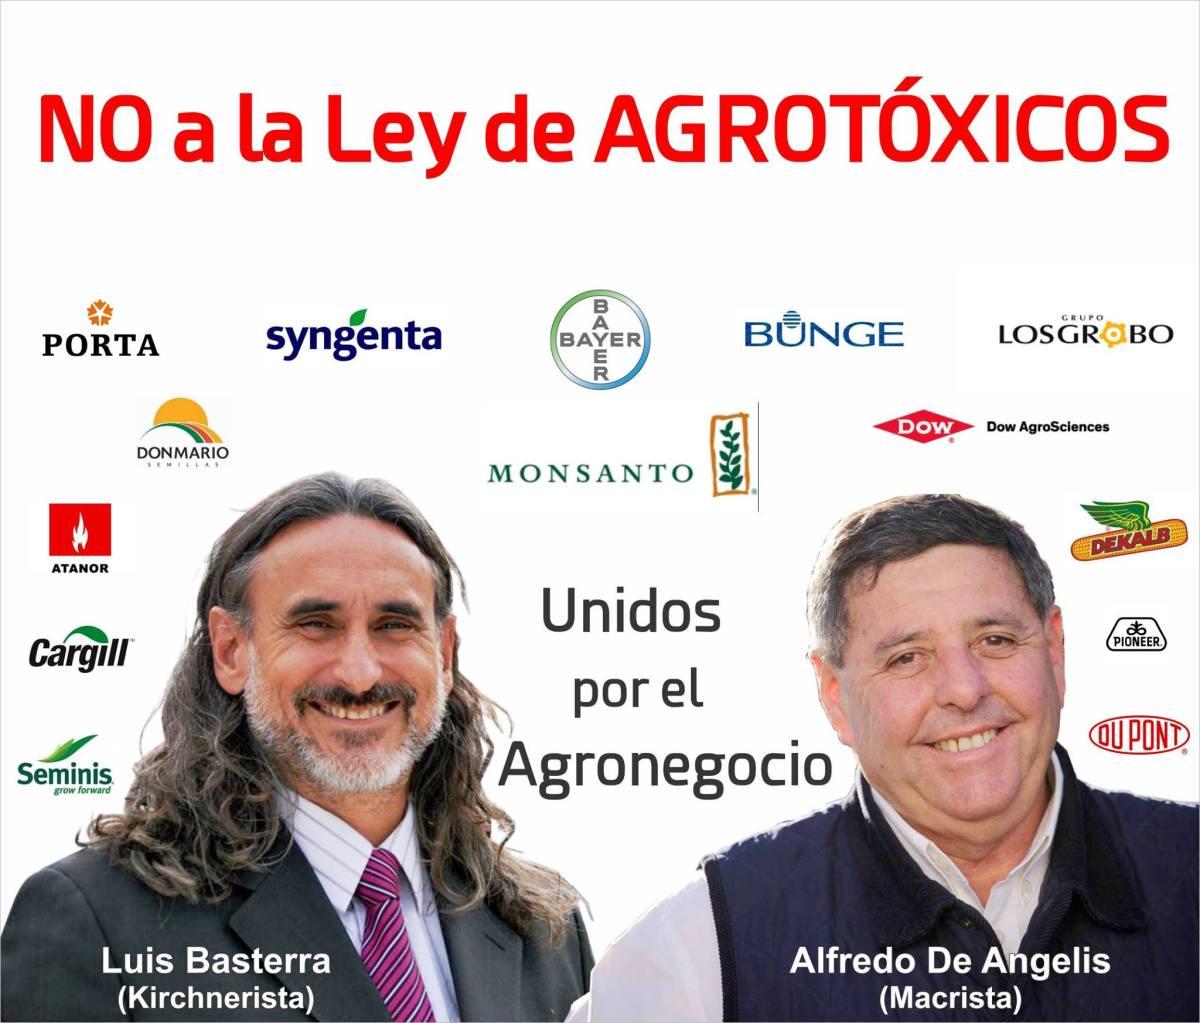 Ley de Agrotóxicos: carta abierta de la ciudadanía a legisladores argentinos